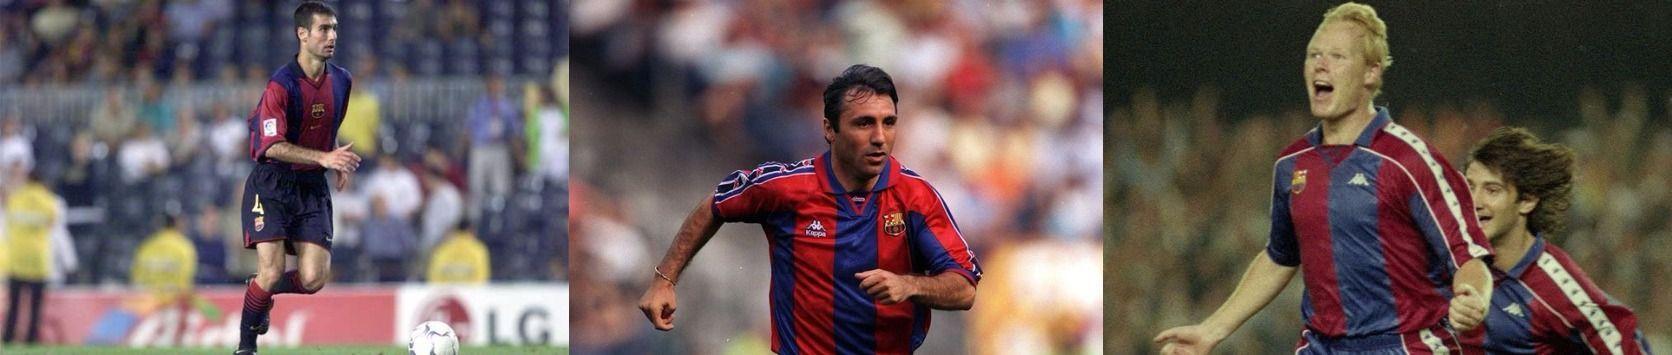 ¿Quién marcó el gol de la primera champions del Barça en 1992?